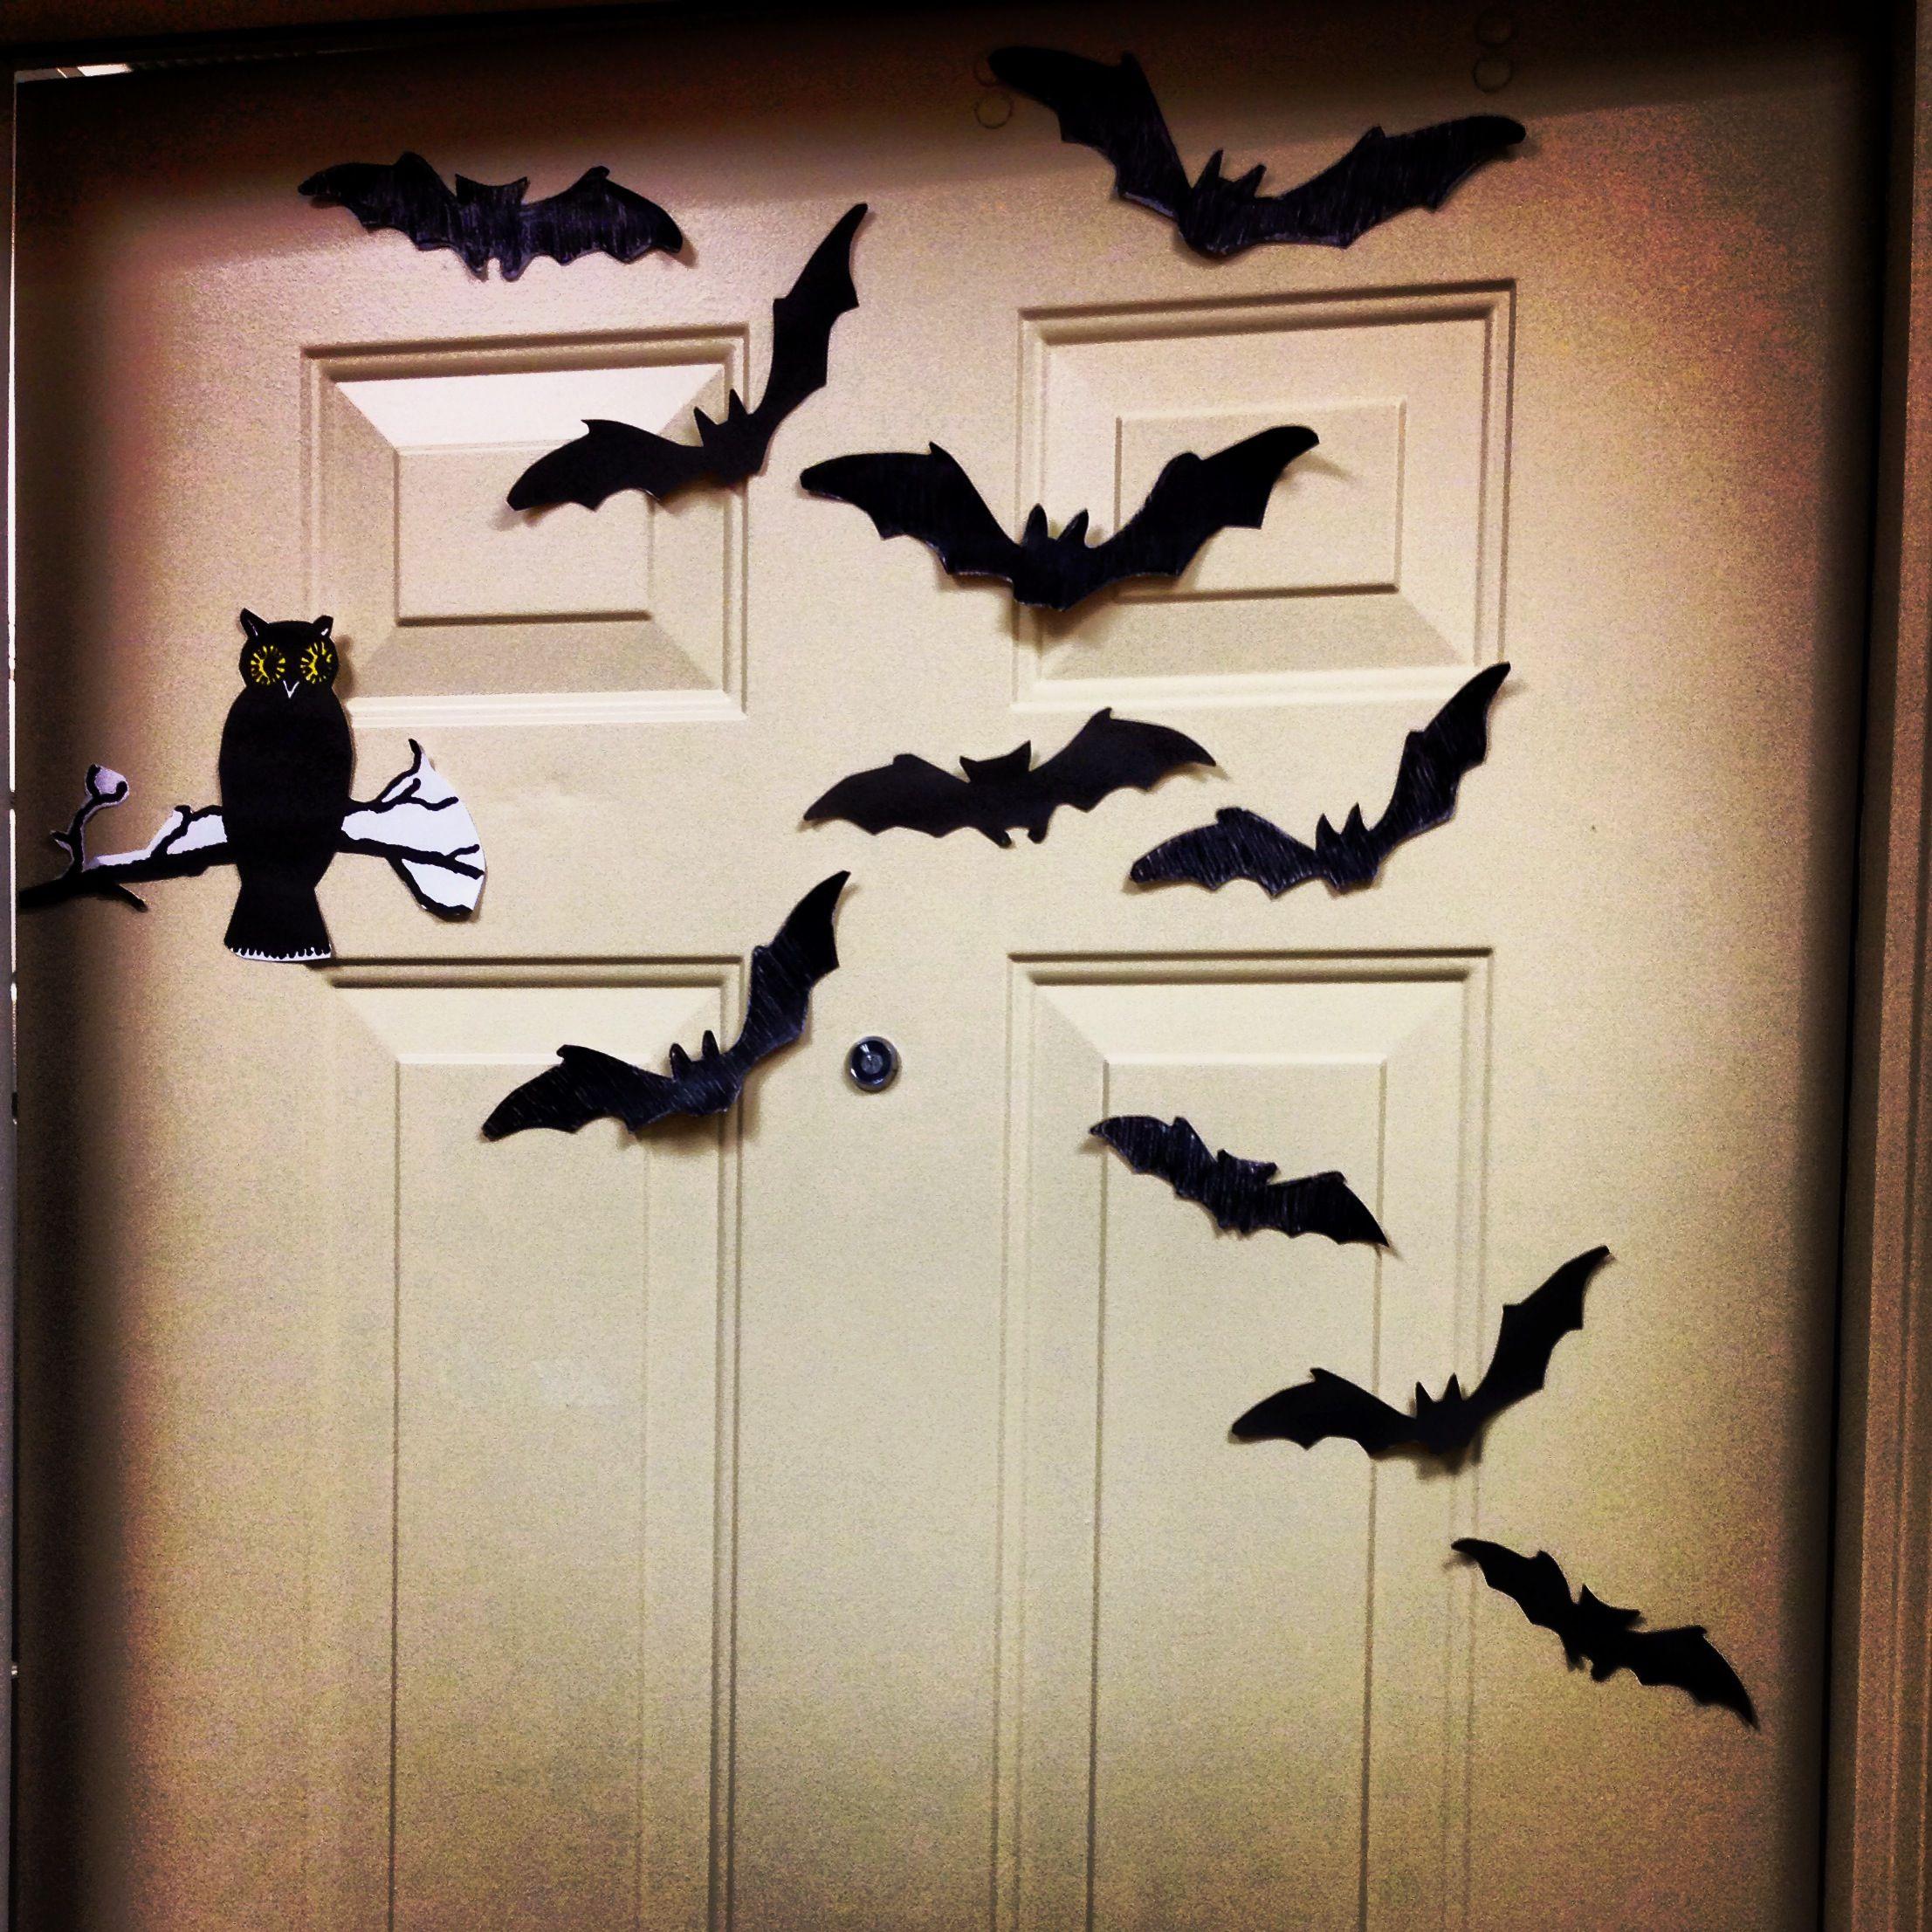 Halloween dorm door decorations. & Halloween dorm door decorations. | Boston MA | Pinterest | Dorm ...